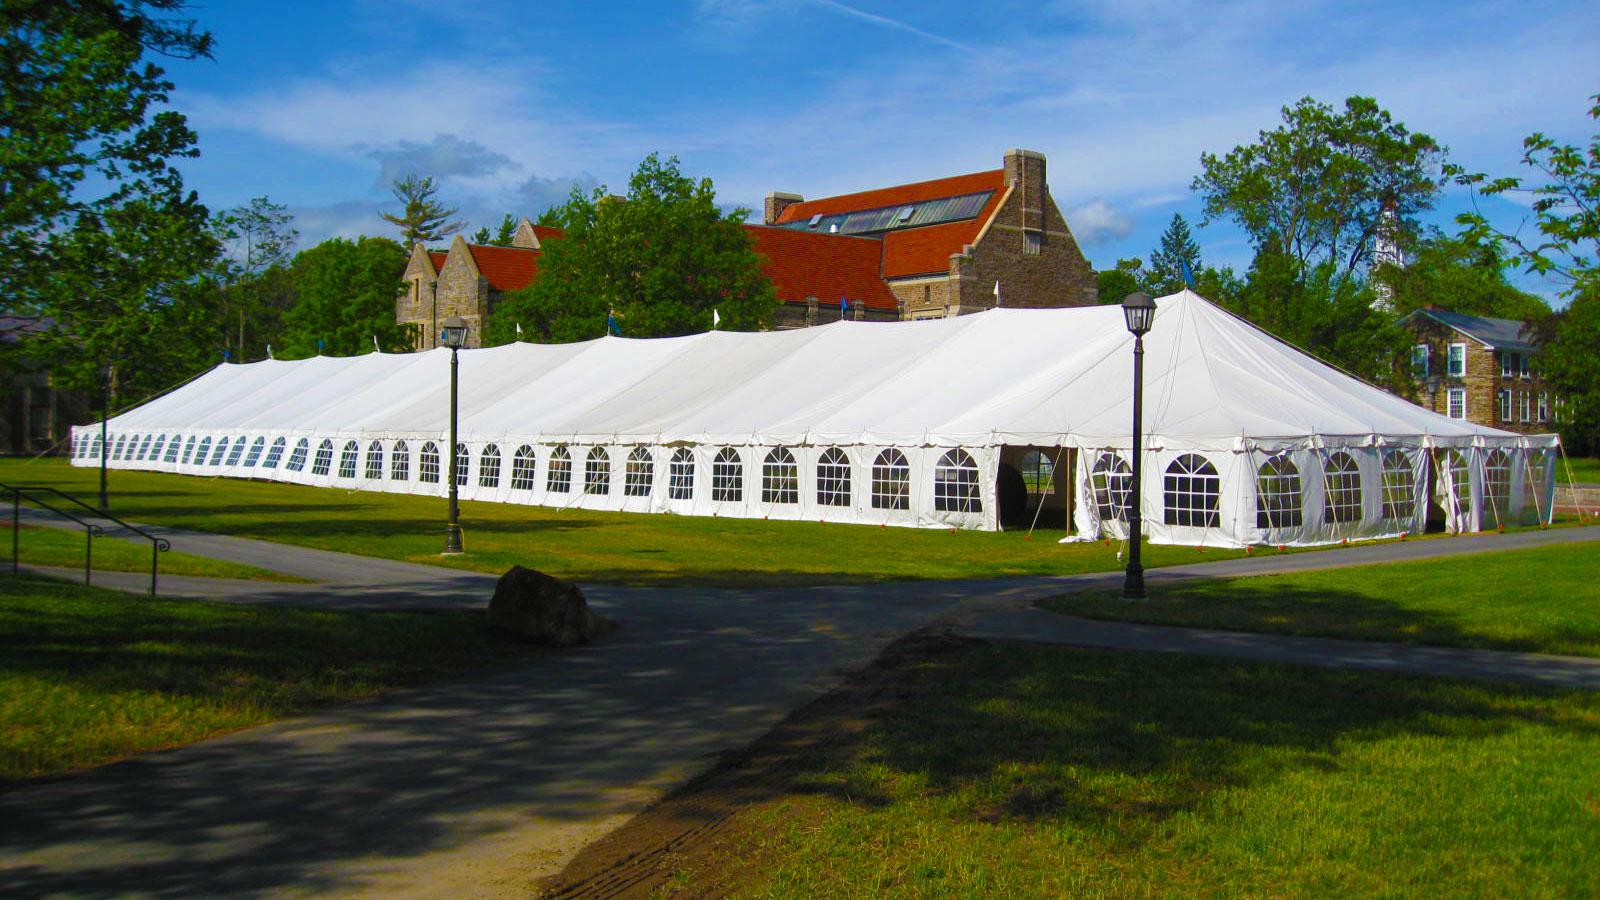 Tent Rentals for Weddings